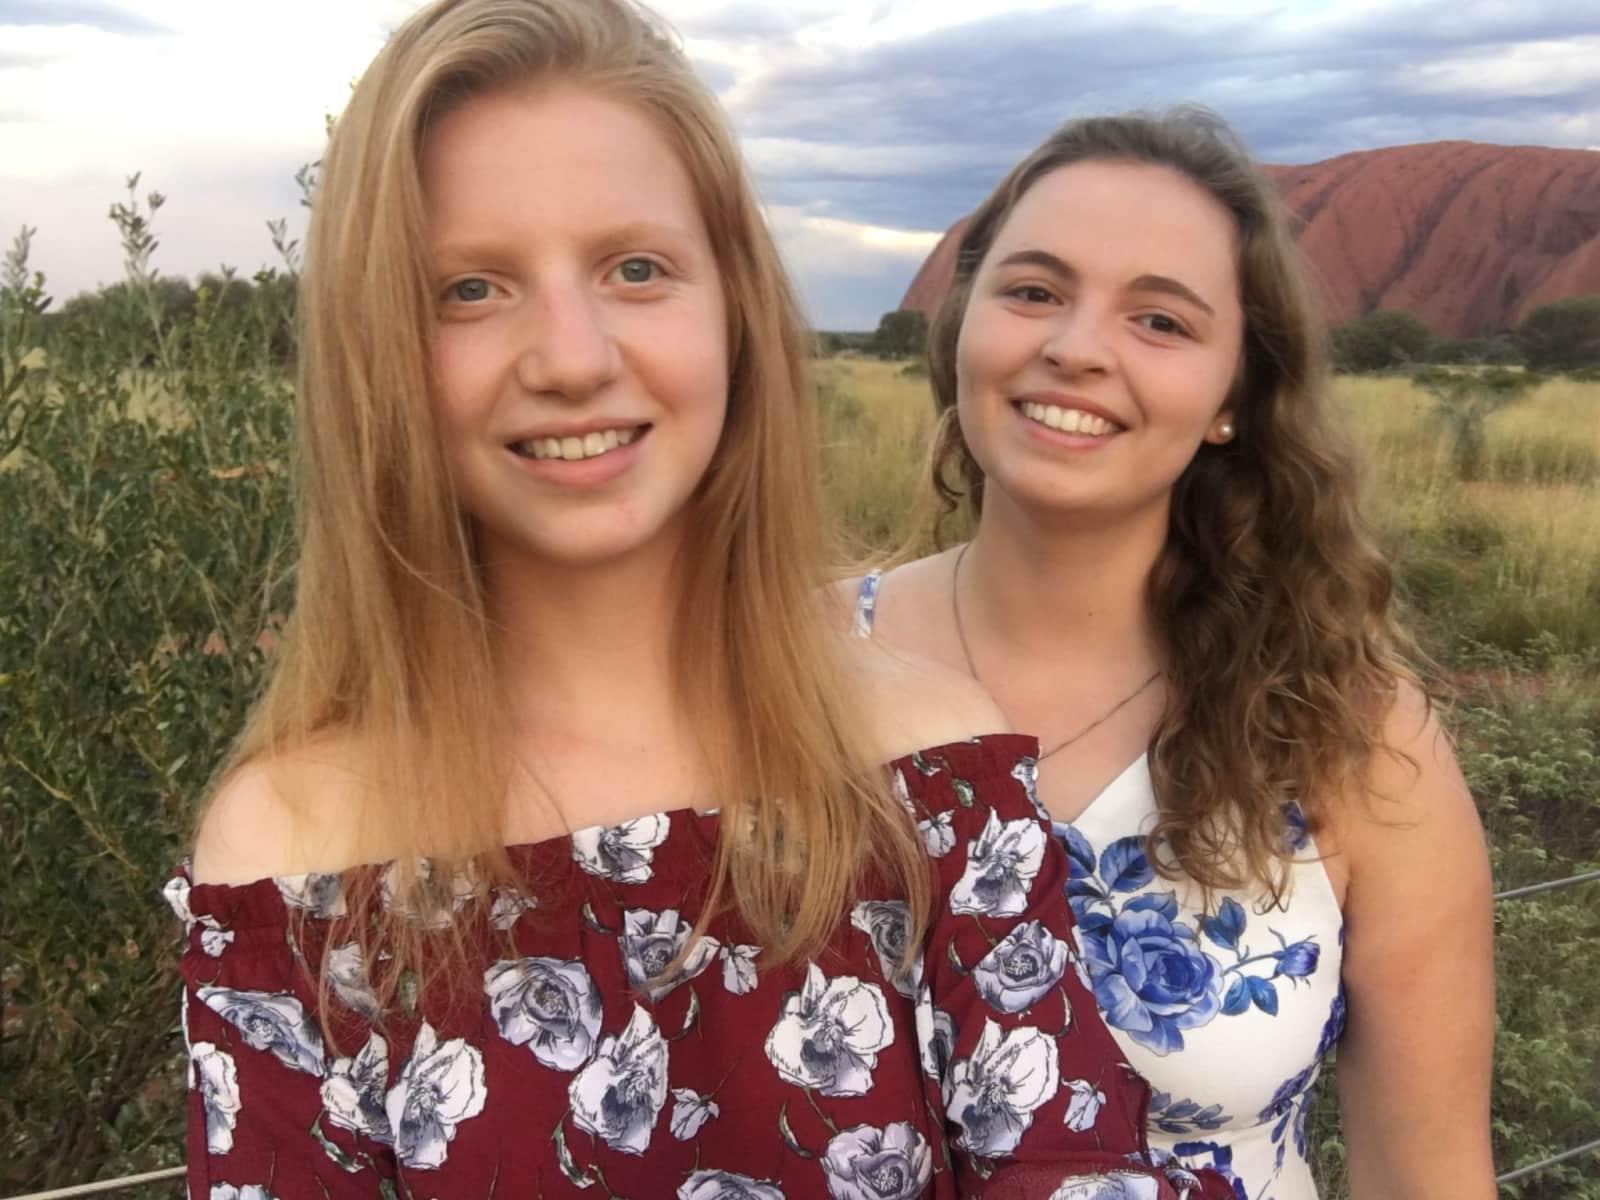 Elena & Maria from Nürnberg, Germany